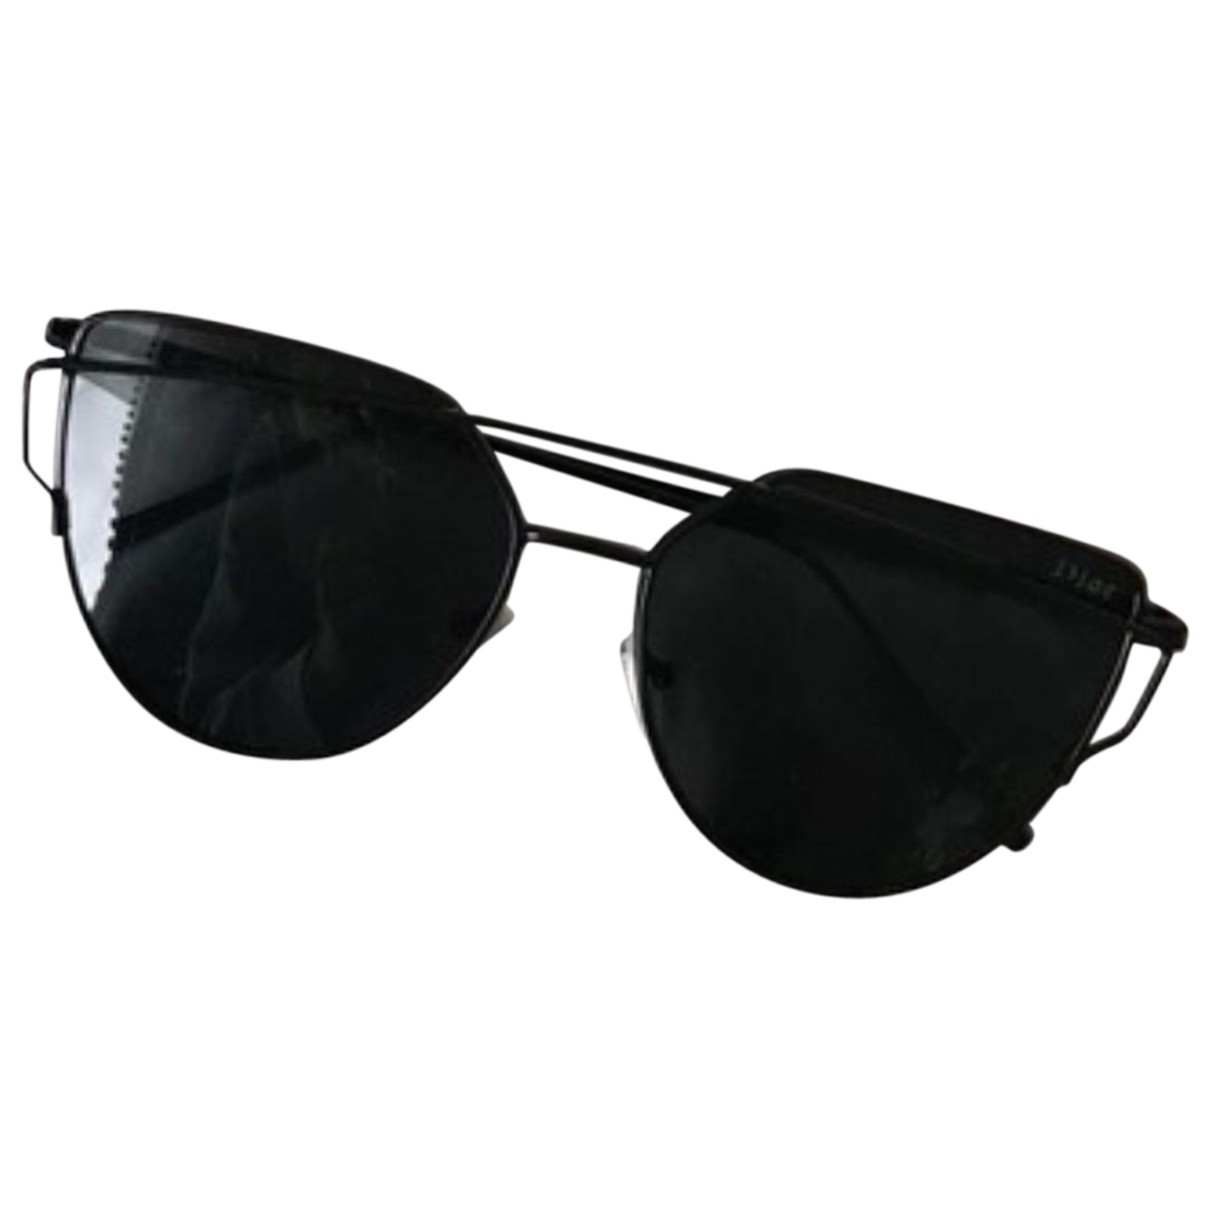 Prada N Black Metal Sunglasses for Women N